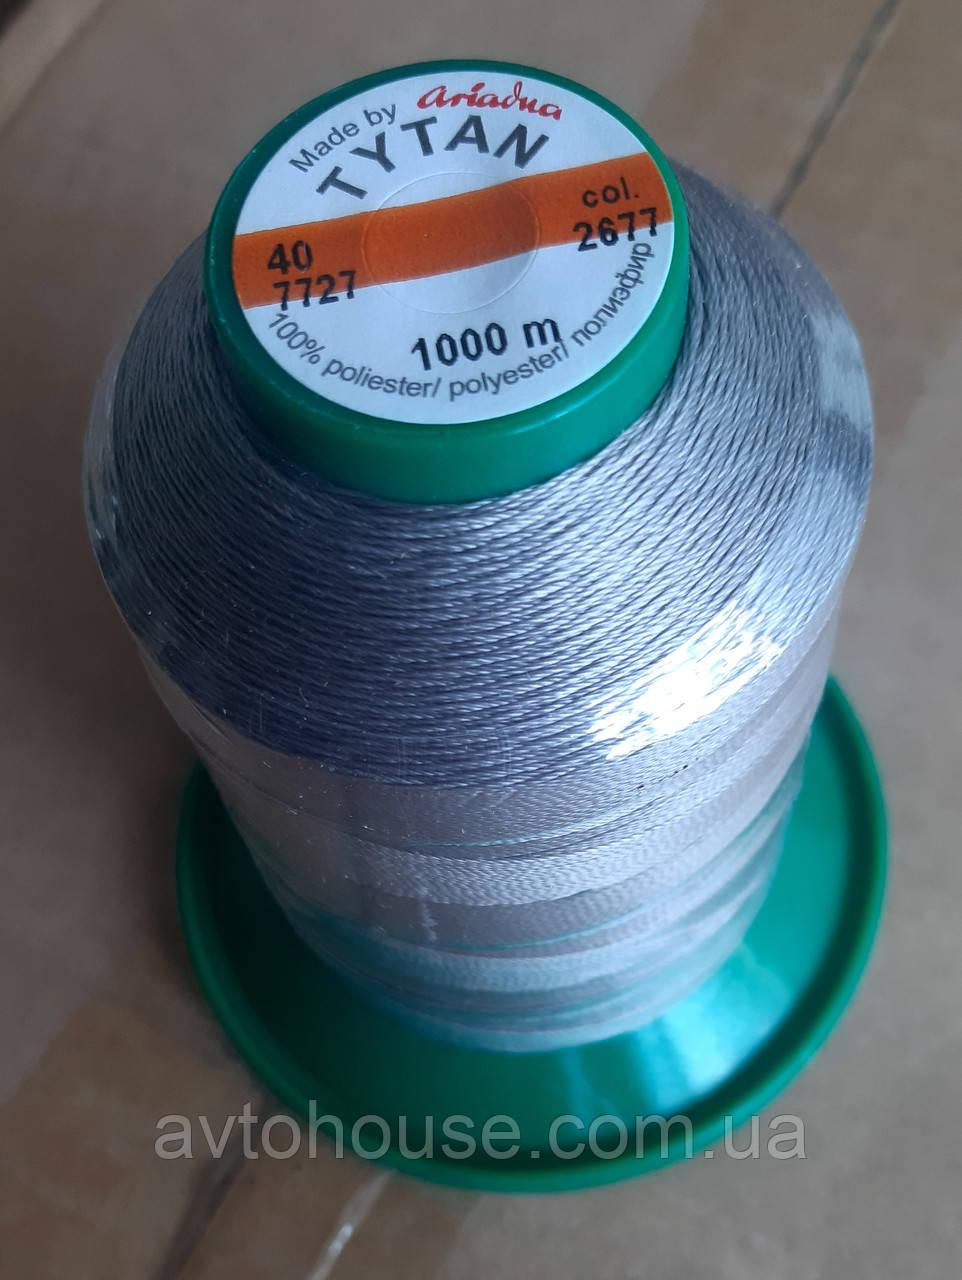 Поліестрова нитка TYTAN 40 / 1000м (2677) Колір сірий.